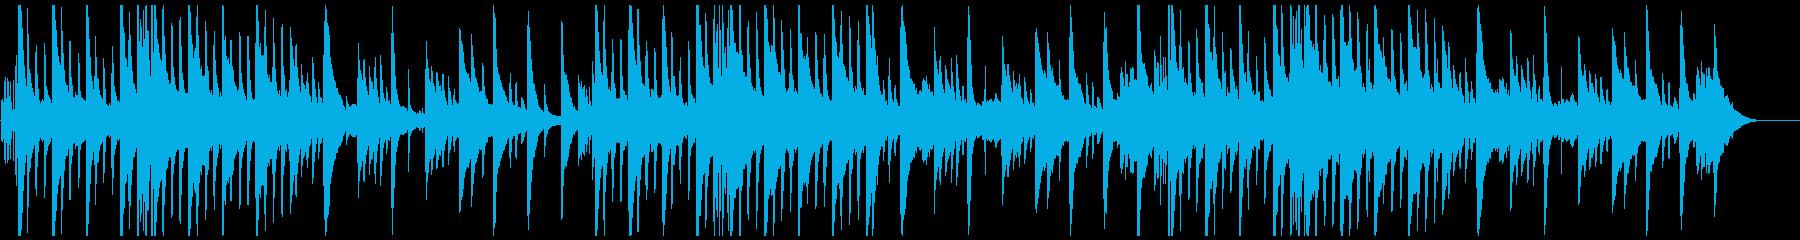 不安を煽るピアノとギター(ループ可)の再生済みの波形